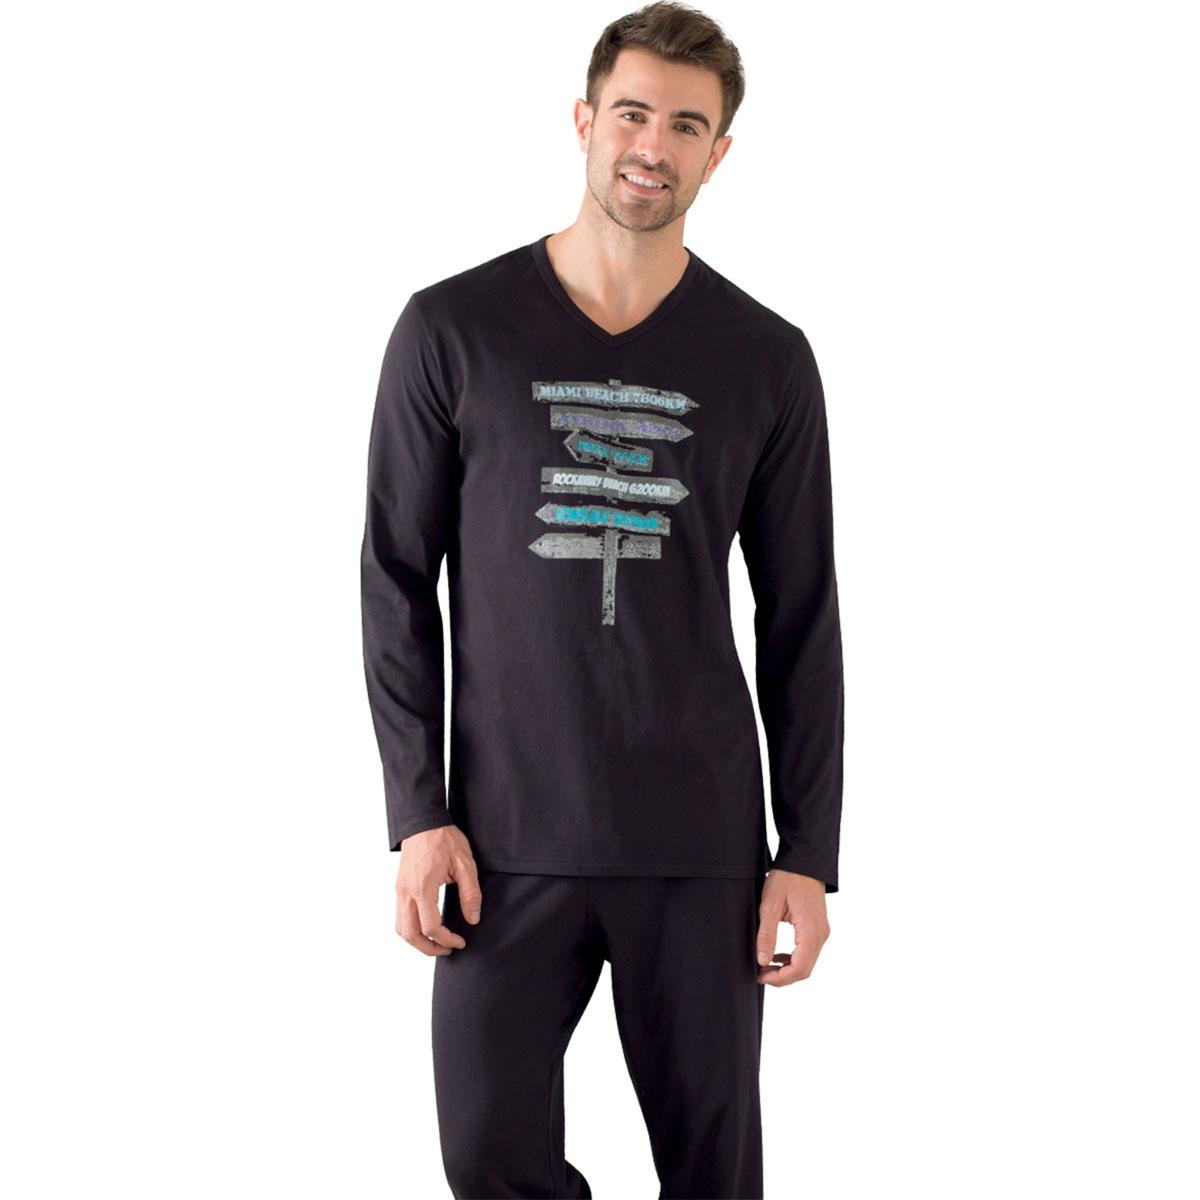 Пижама длинная с длинными рукавами, футболка с рисункомОписание:Длинная мужская пижама Athena, стильная и комфортная, с футболкой с юмористическим рисунком и длинными рукавами: да здравствует ночь!Состав и описание:Пижама длинная. Футболка с рисунком и длинными рукавами. Брюки с эластичным поясом??Материал:  100 % хлопок. Джерси Марка: ATHENAУход: стирать при 40° с вещами схожих цветов.Стирка и глажка с изнаночной стороны.Машинная сушка запрещена.<br><br>Цвет: синий/темно-синий,черный/ черный<br>Размер: M.XXL